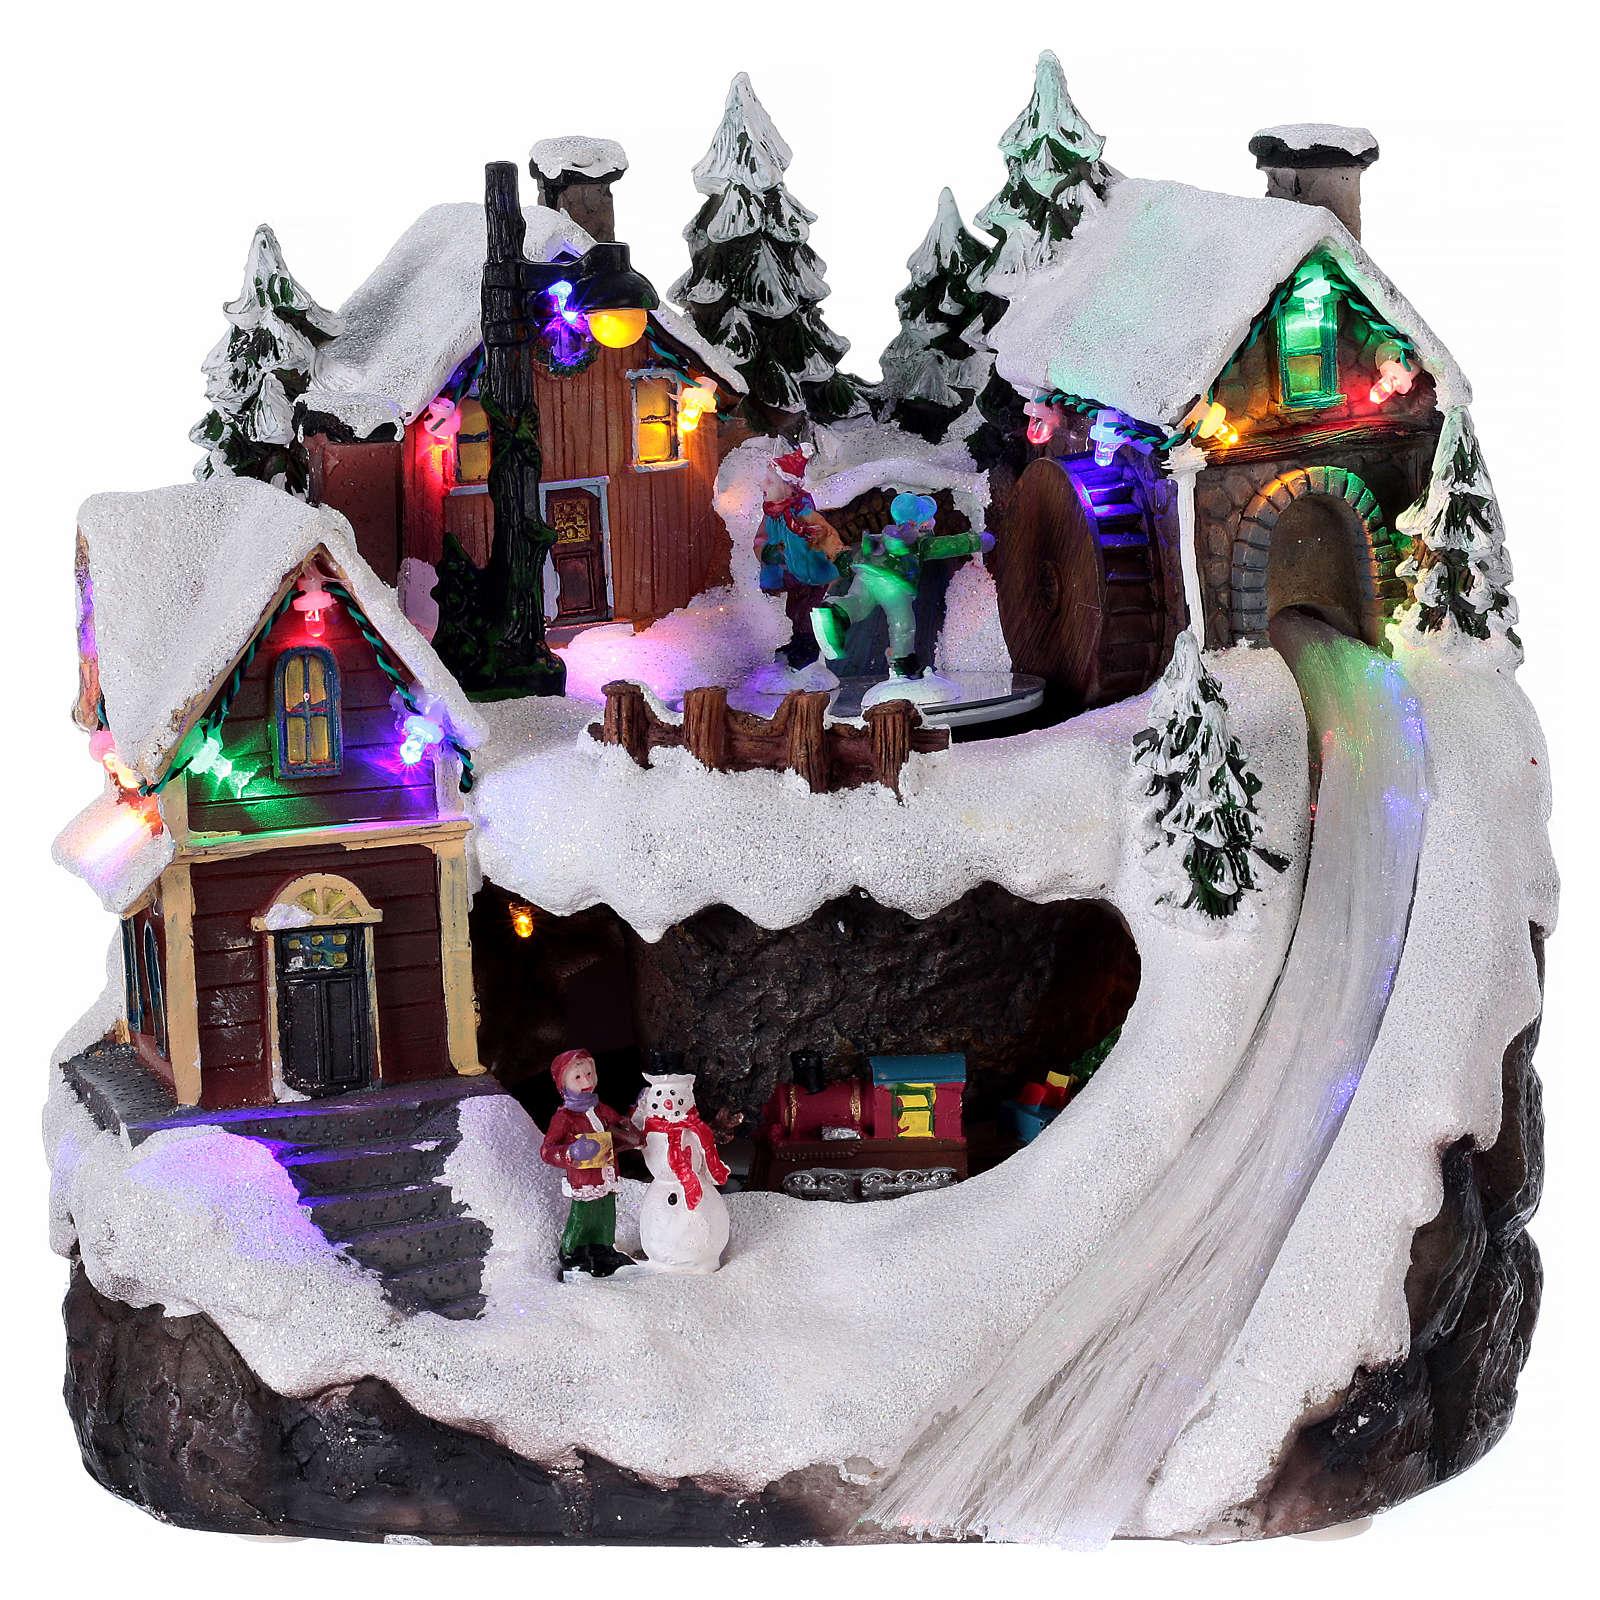 Bożonarodzeniowe miasteczko z oświetleniem melodią ruchomym pociągiem jeziorem zlodowaciałym 23x21x16 cm 3